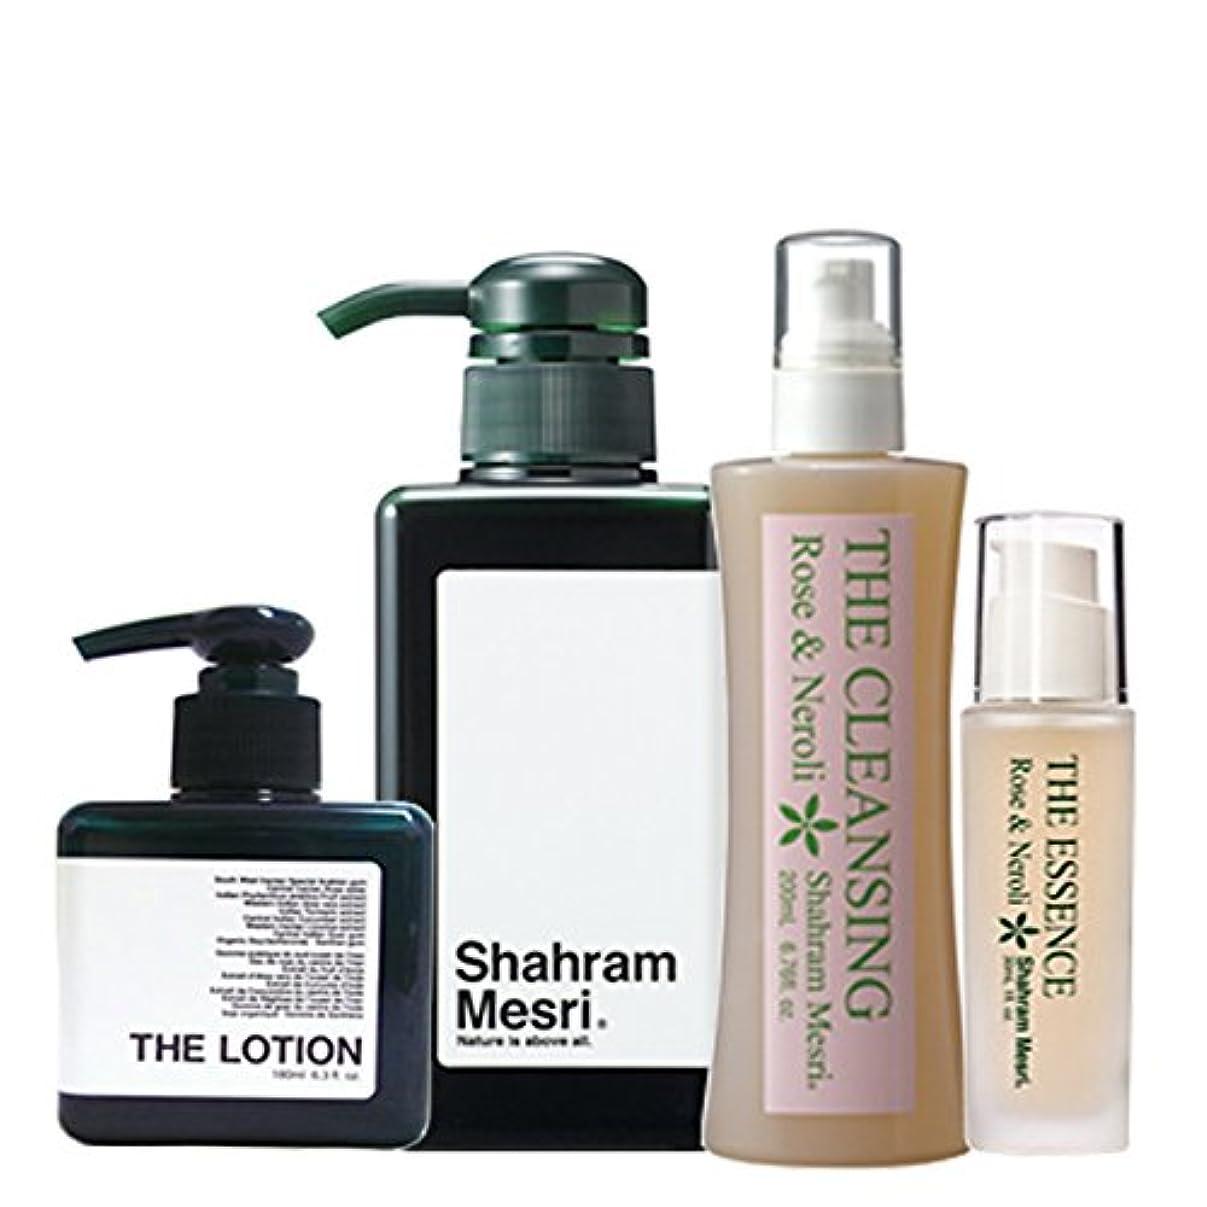 息苦しいセメント緩めるShahram Mesri パーフェクトセット シャハランメスリ ザ?シャンプー ザ?ローション ザ?クレンジング ザ?エッセンス のセットです。 お化粧落としからシャンプーそしてローションエッセンスの仕上げまで お試しください。